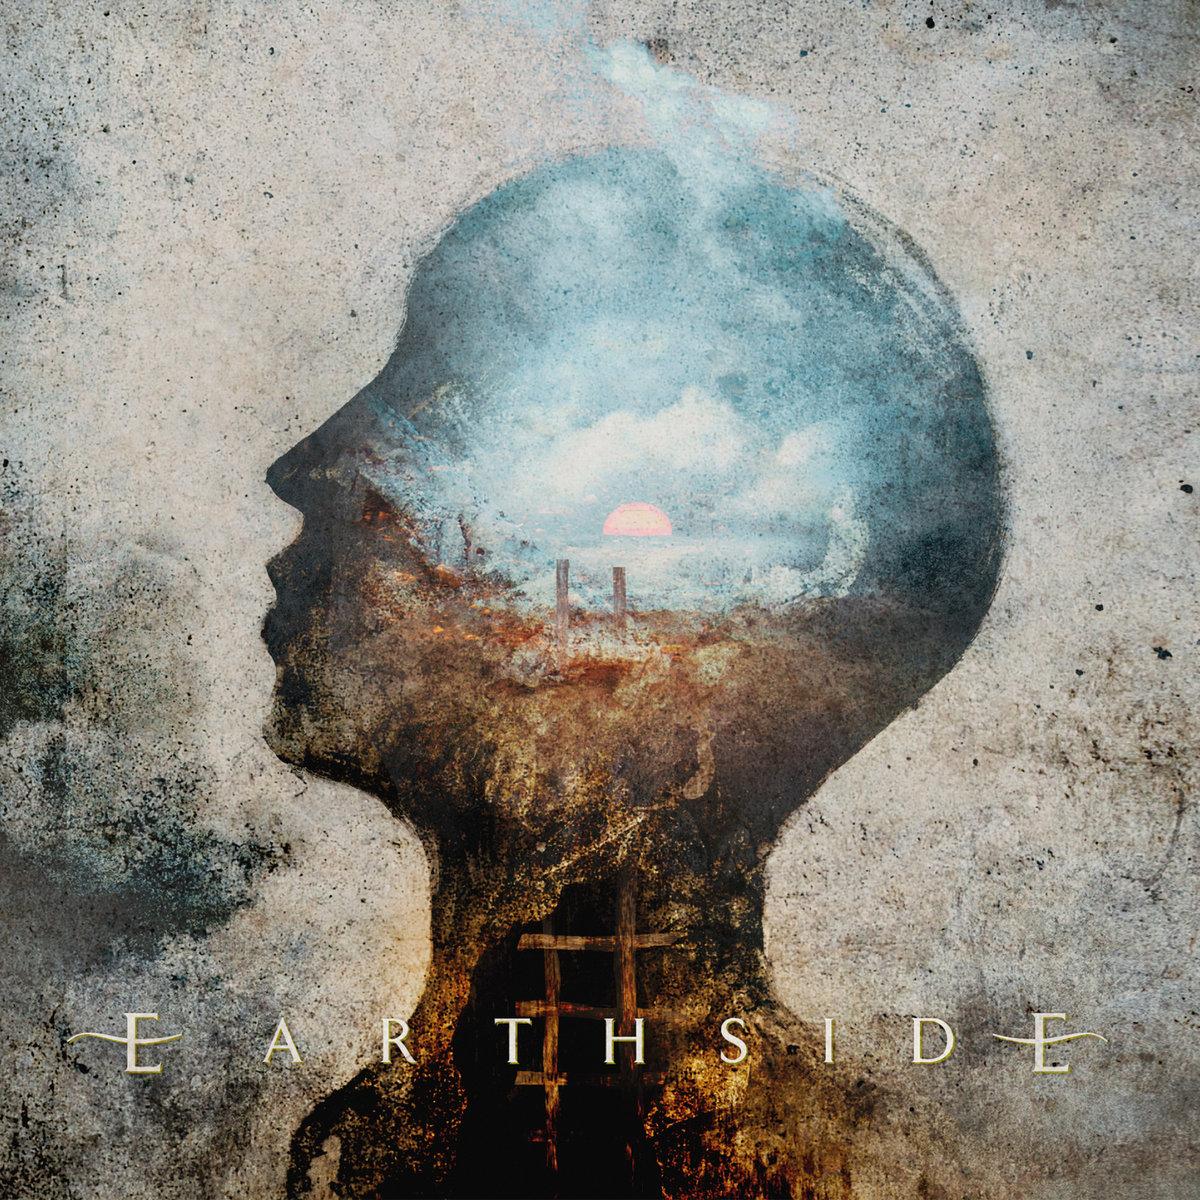 Earthside: A Dream in Static